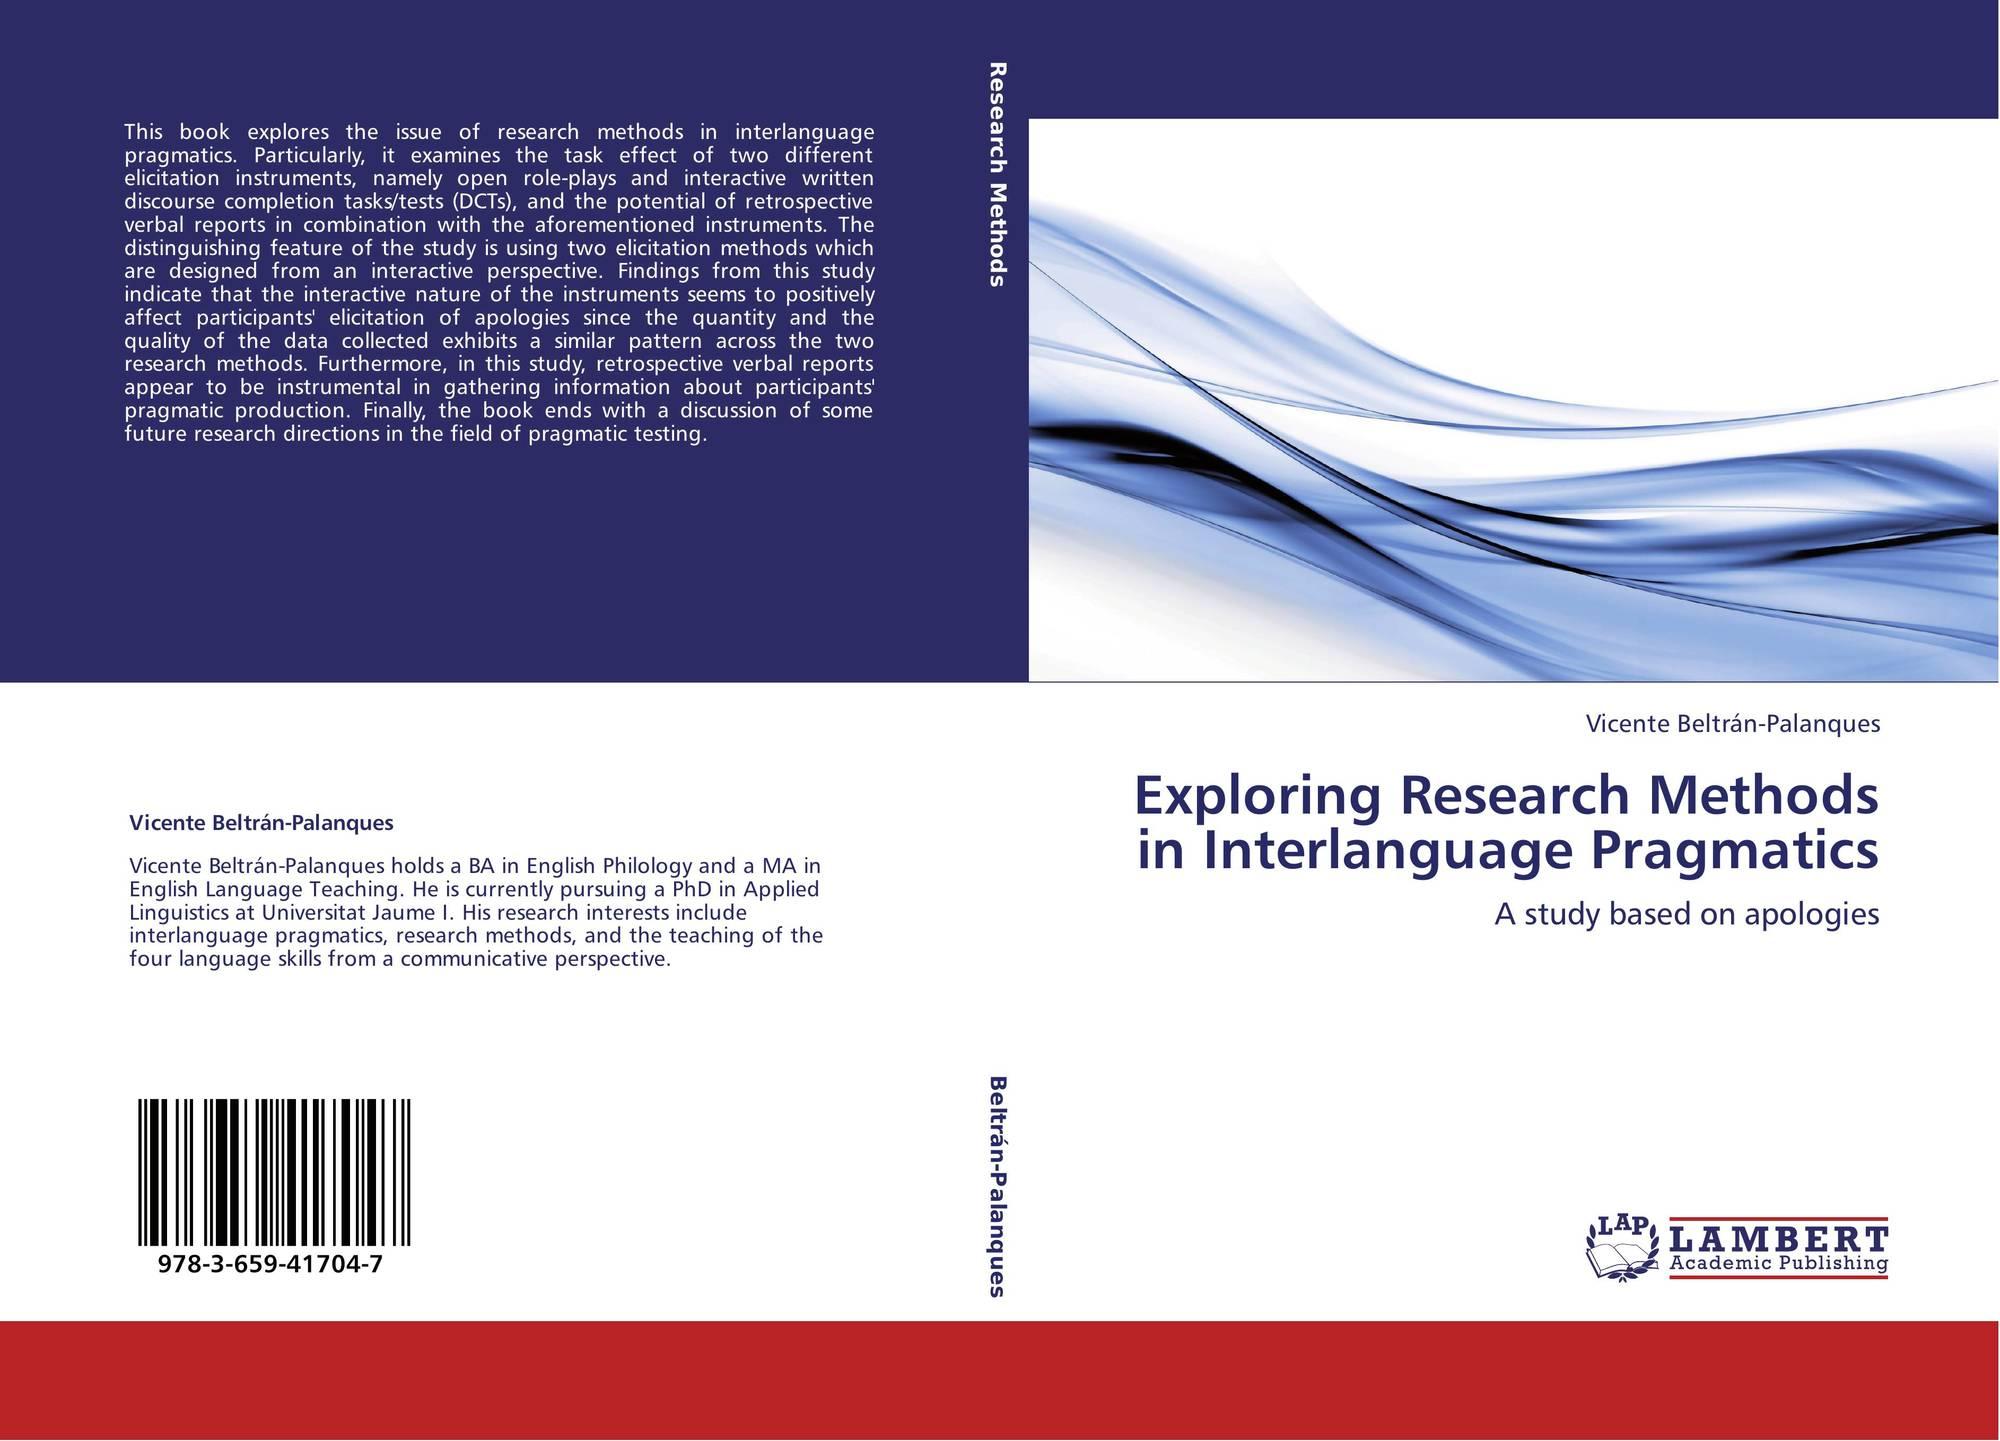 Обложка exploring research methods in interlanguage pragmatics